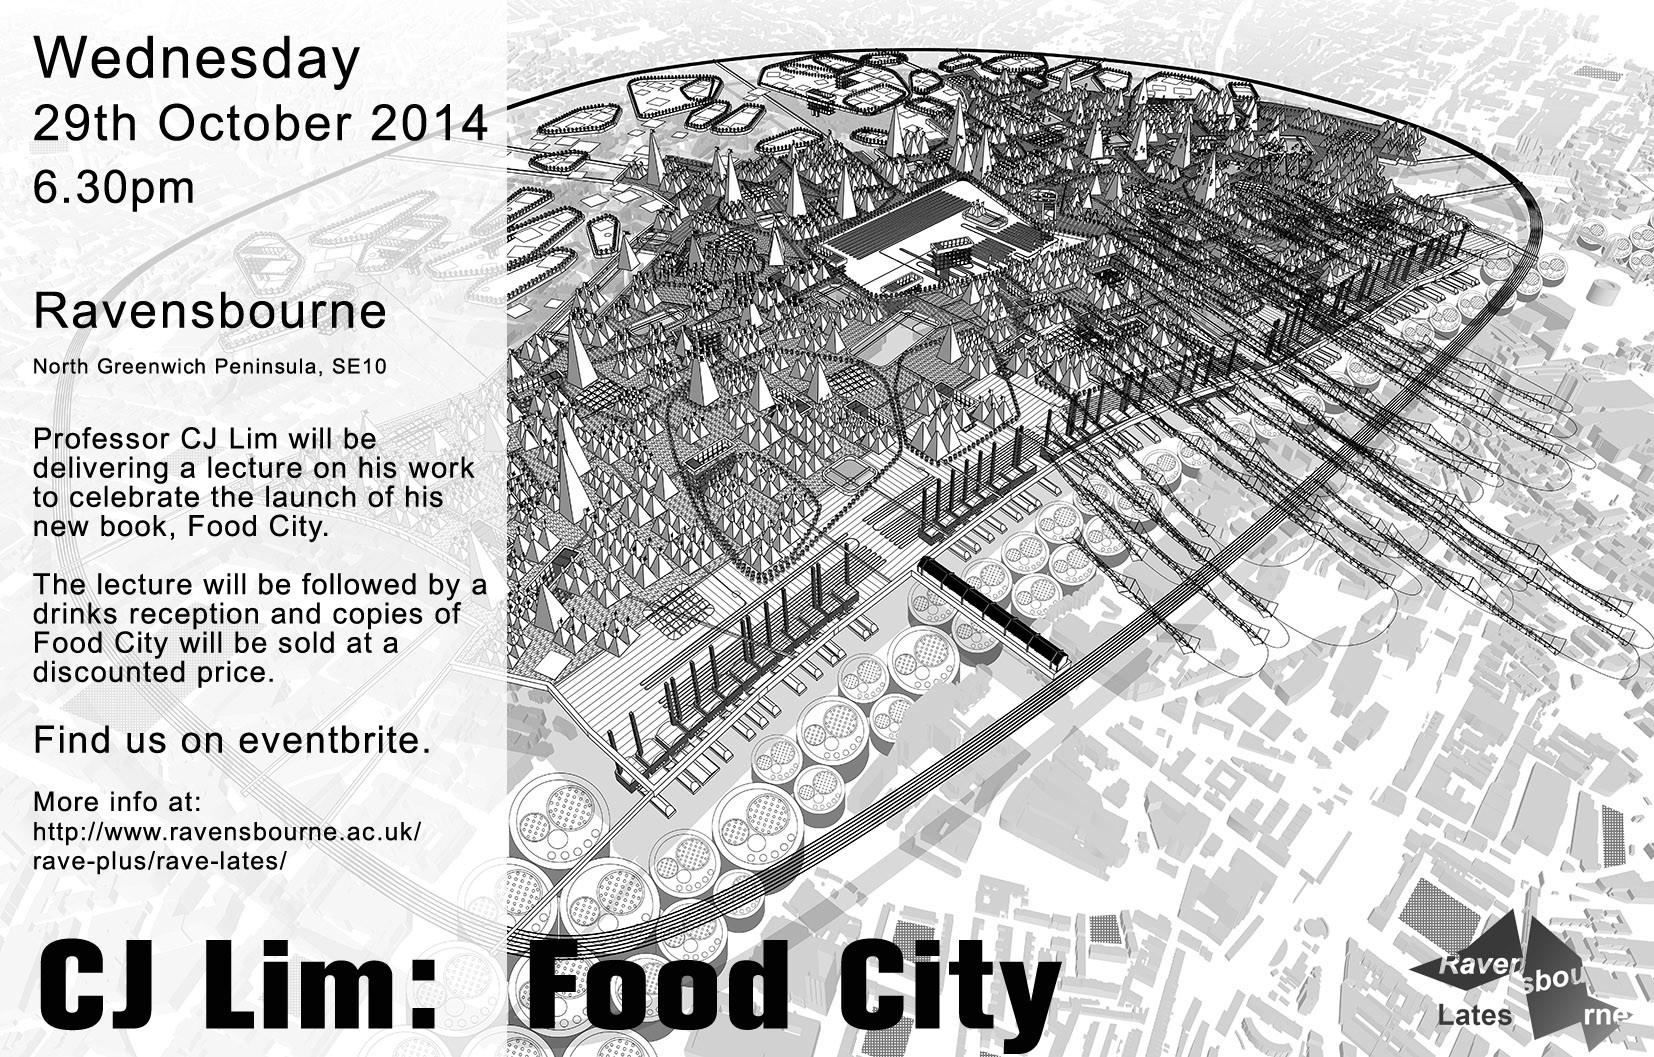 """Bartlett Professor CJ Lim to Launch """"Food City"""" Book at Ravensbourne, © Ravensbourne"""